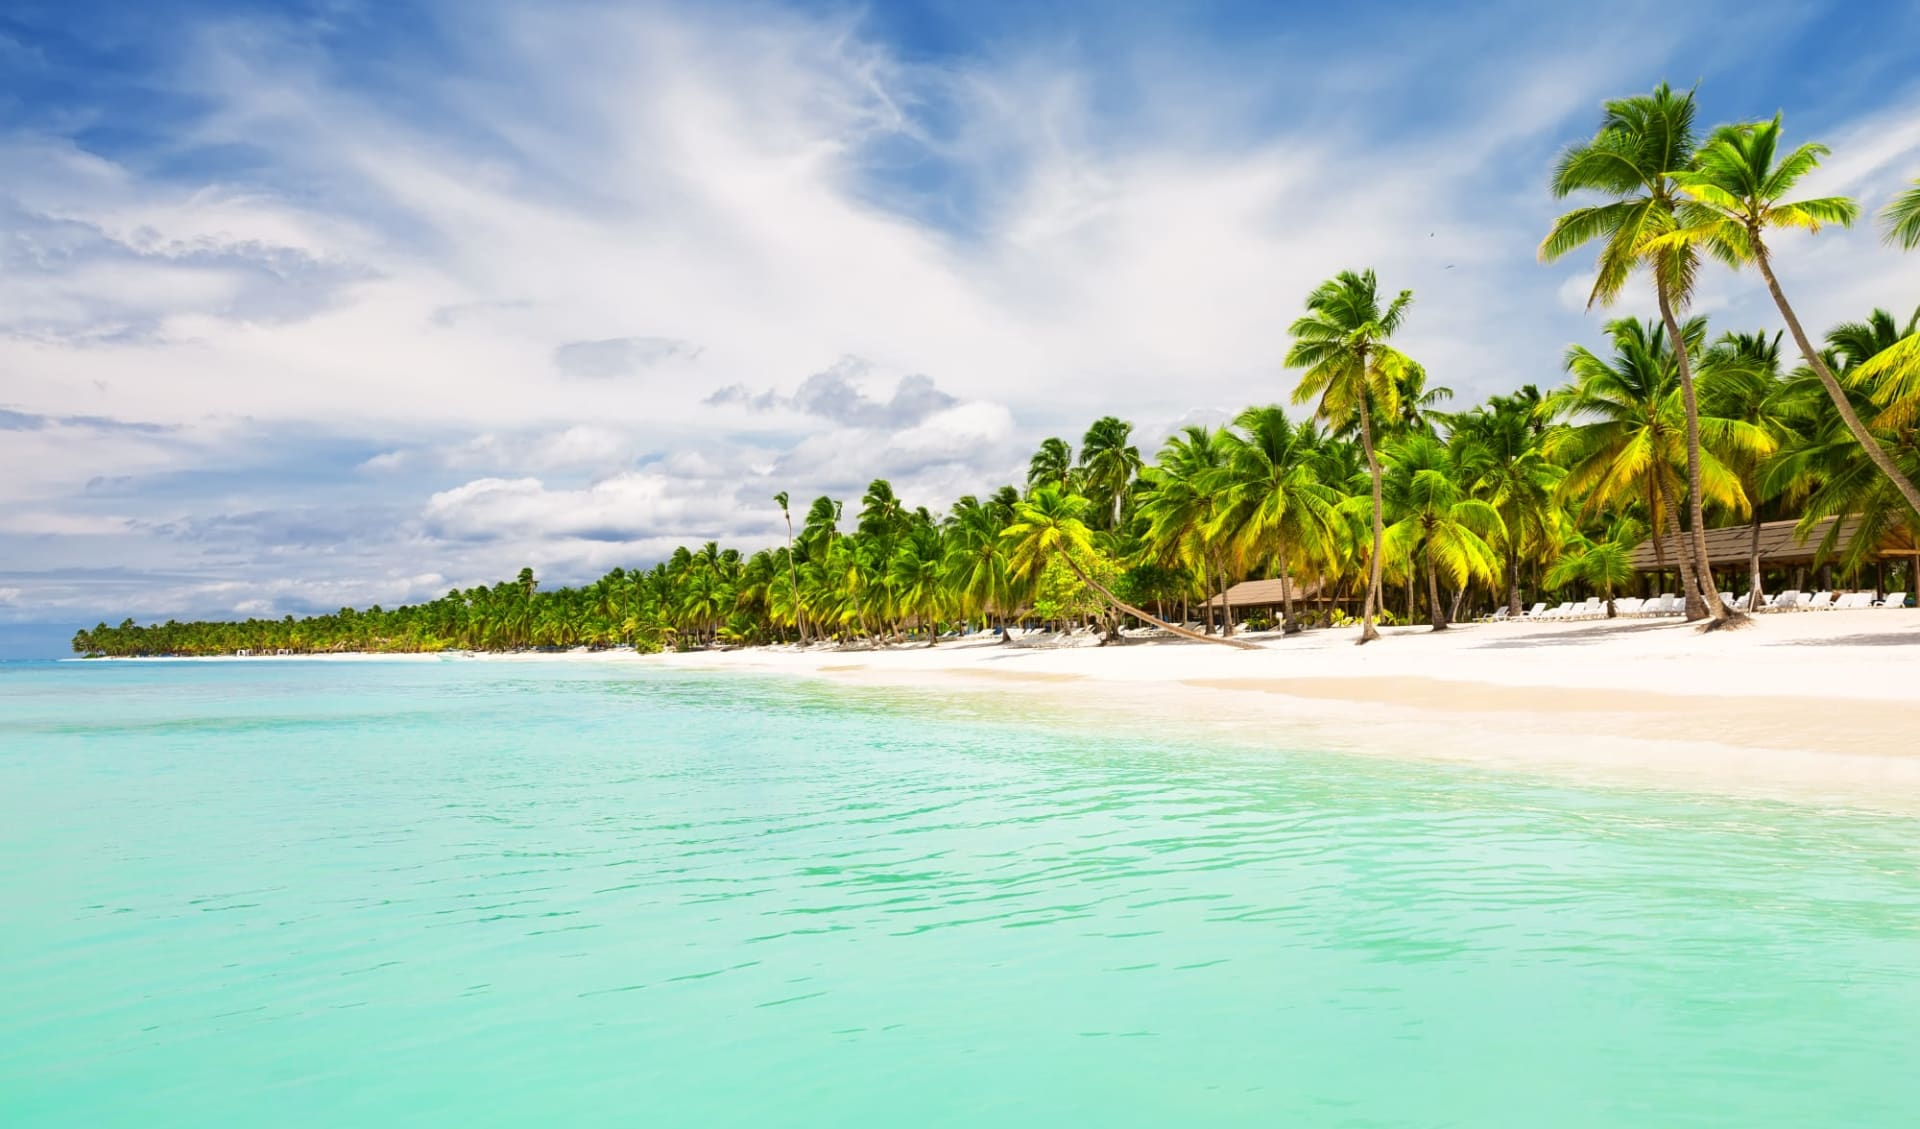 Unbekannter Osten ab Punta Cana: Dominikanische Republik - Punta Cana - weisser Sandstrand mit türkisem Wasser